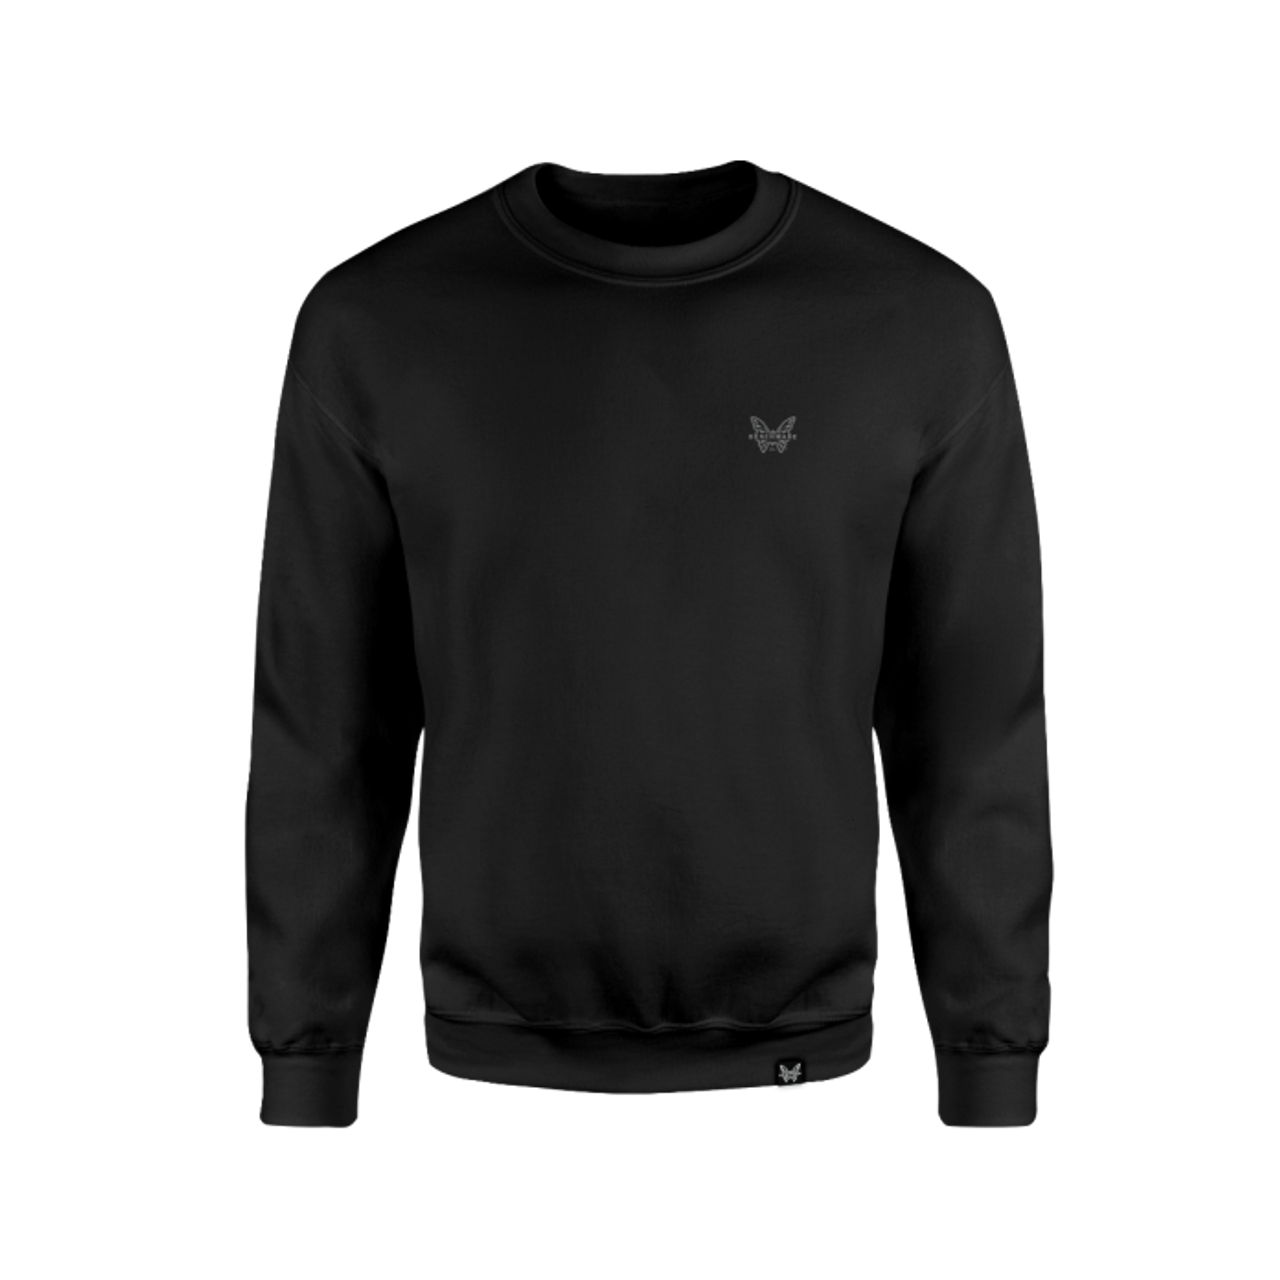 Benchmade Men's Favorite Crew Sweatshirt Black, Medium